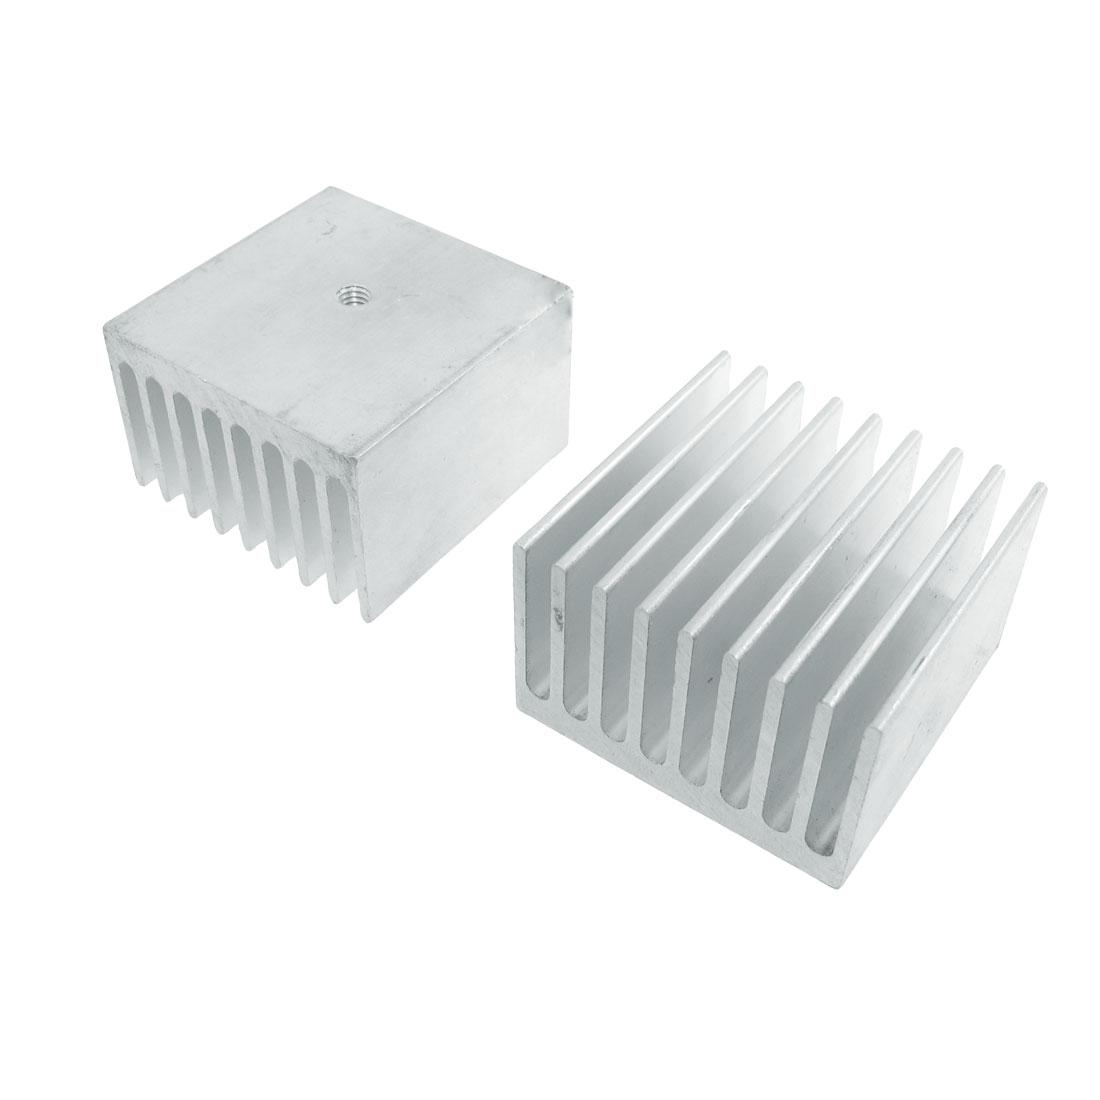 2 Pcs 37mm x 24mm x 38mm Heatsink Heat Diffuse Aluminium Cooling Fin